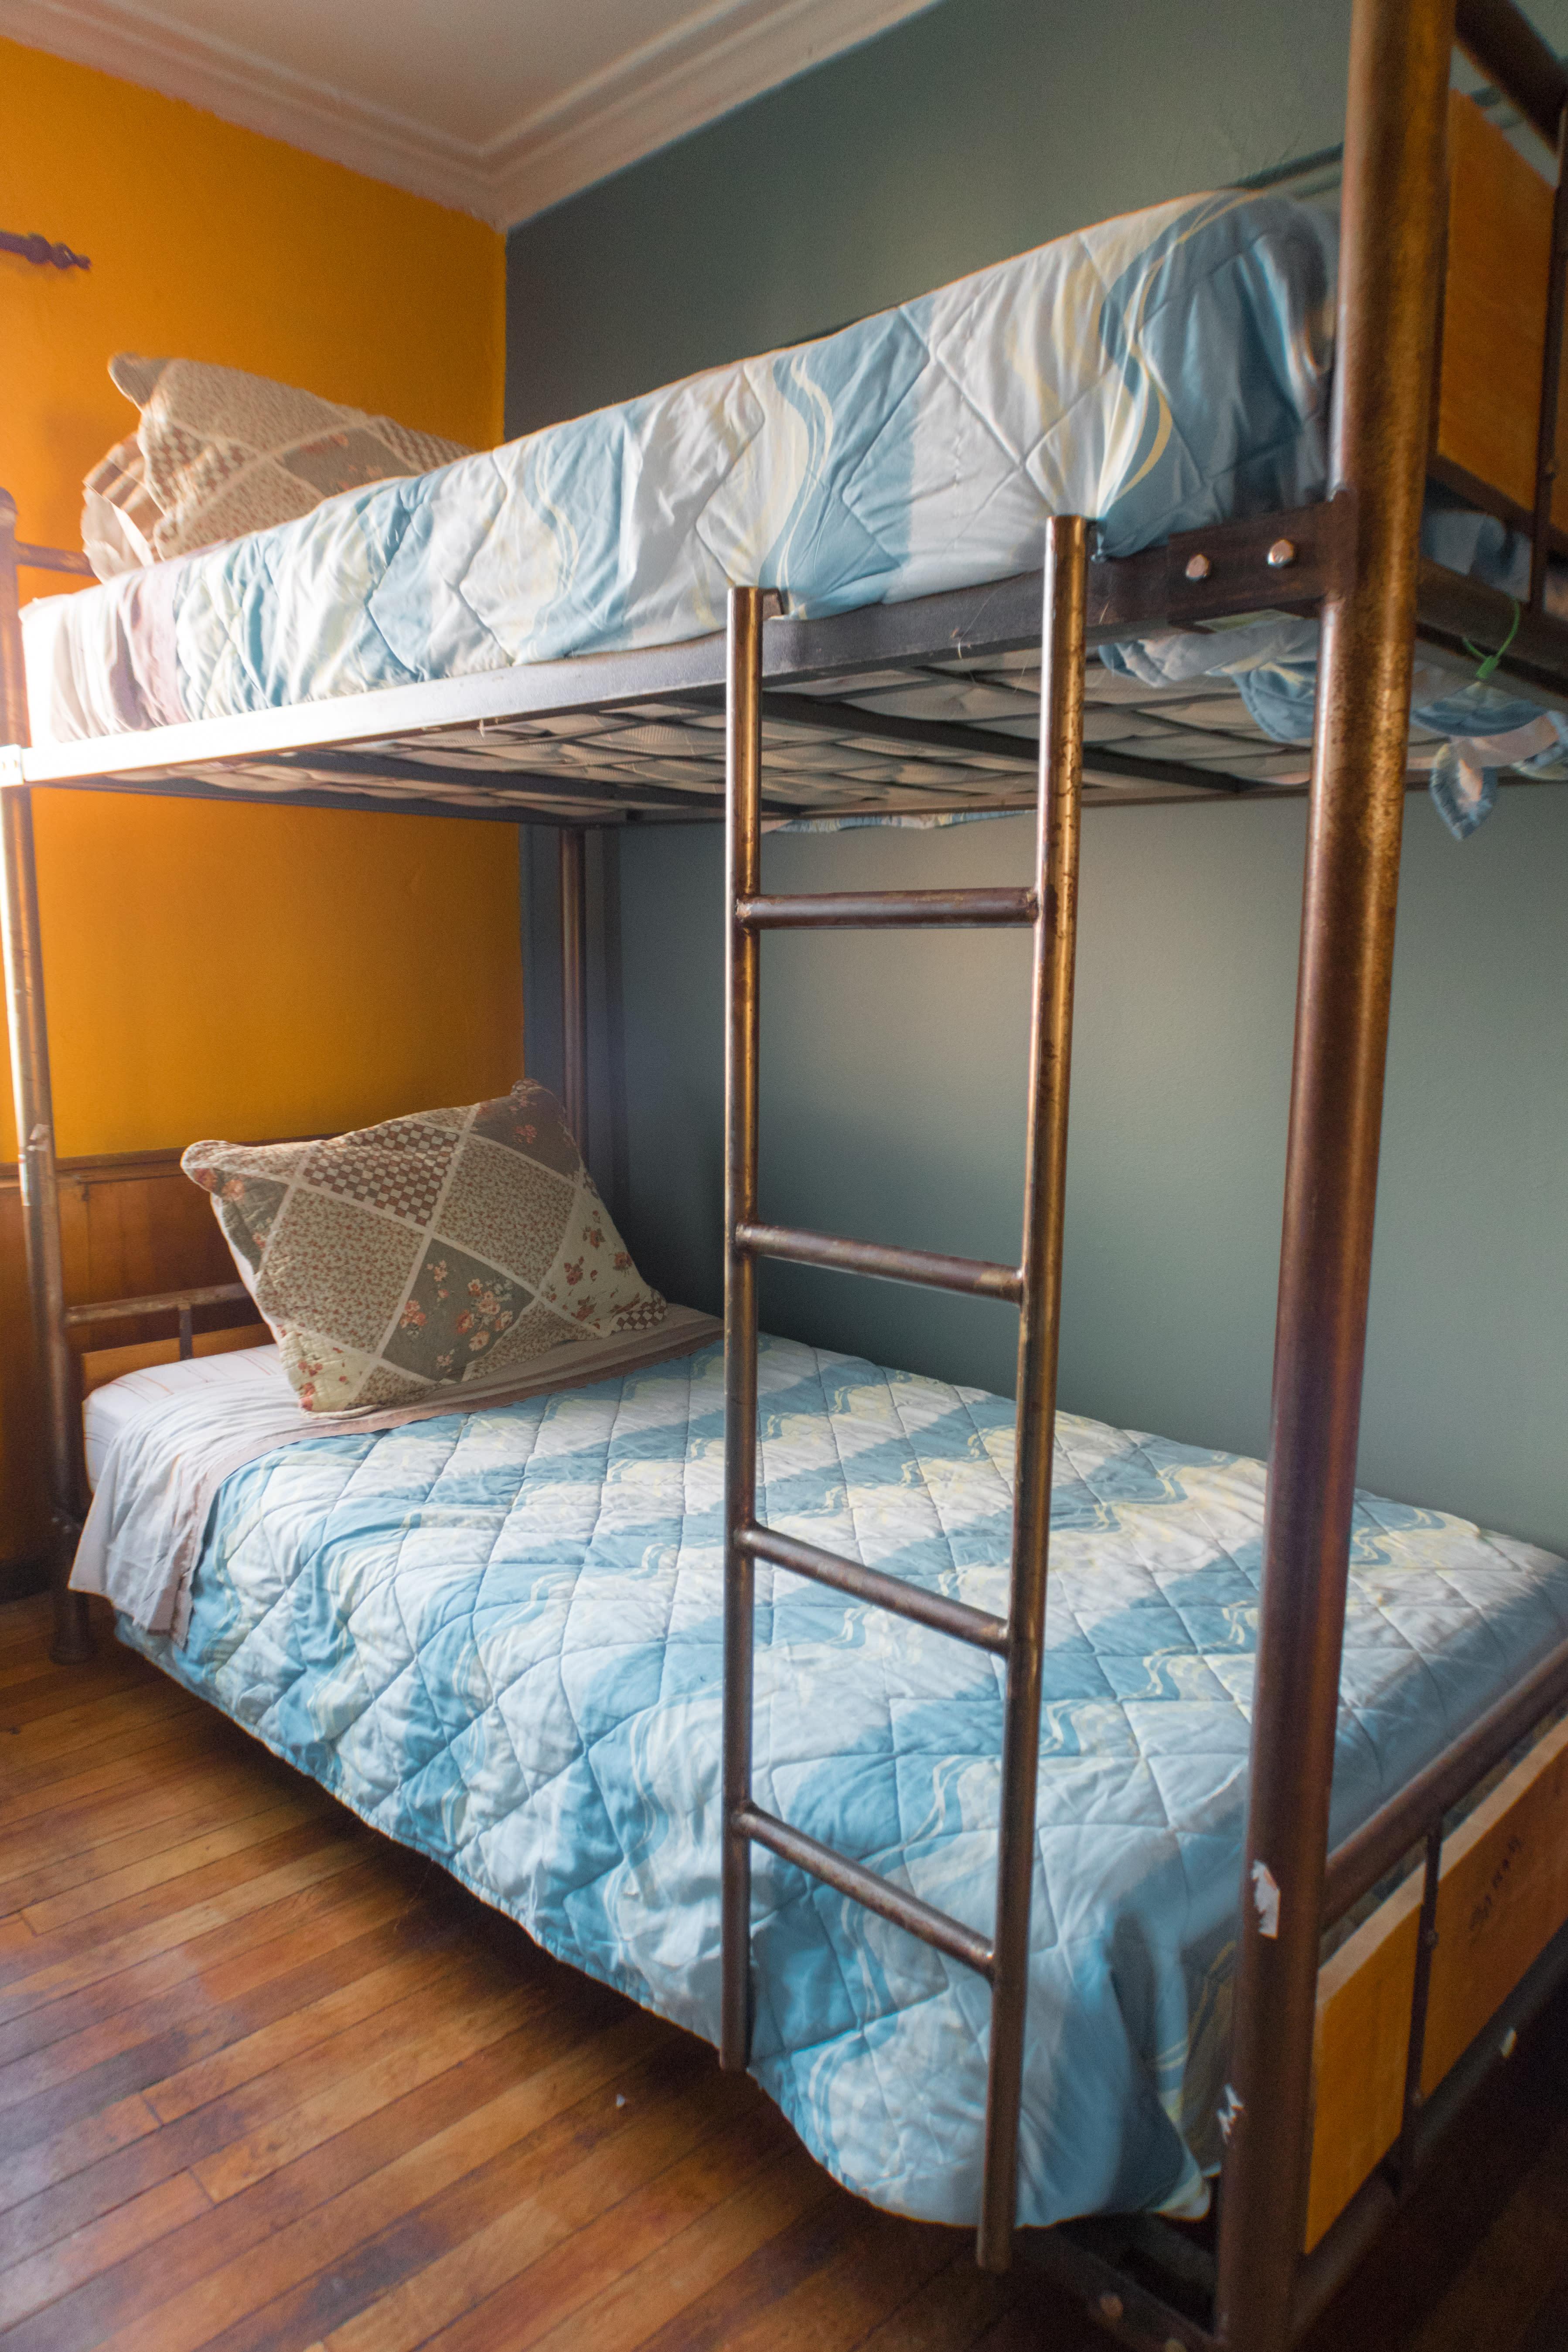 HOSTEL - The Bellavista Hostel